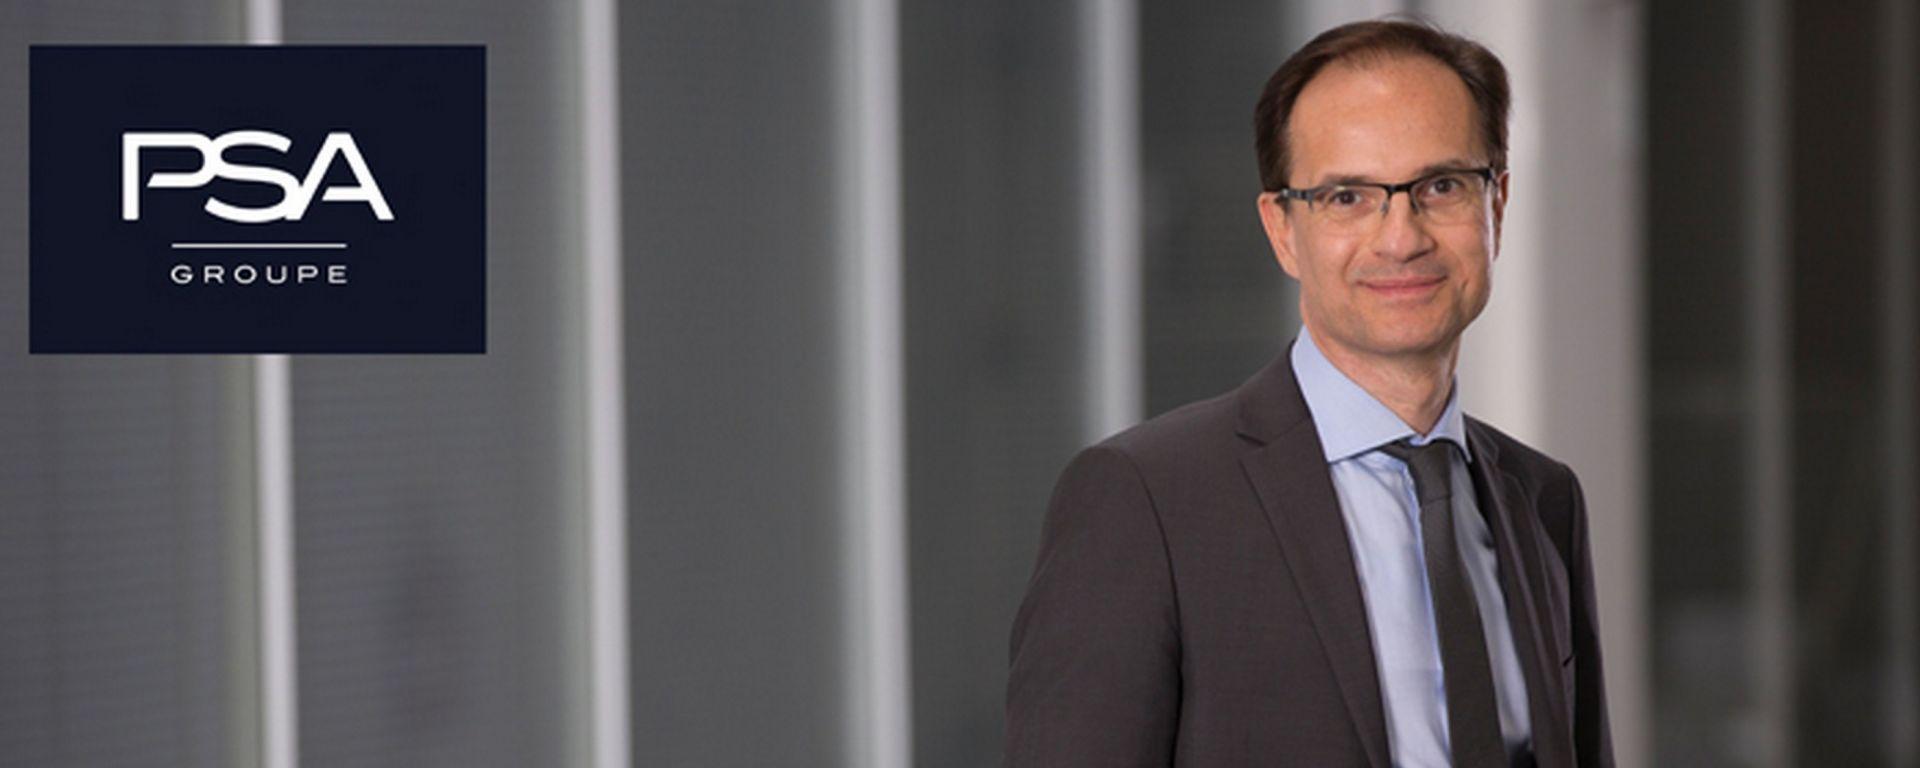 Alexandre Guignard, Direttore della Business Unit dedicata ai veicoli elettrici